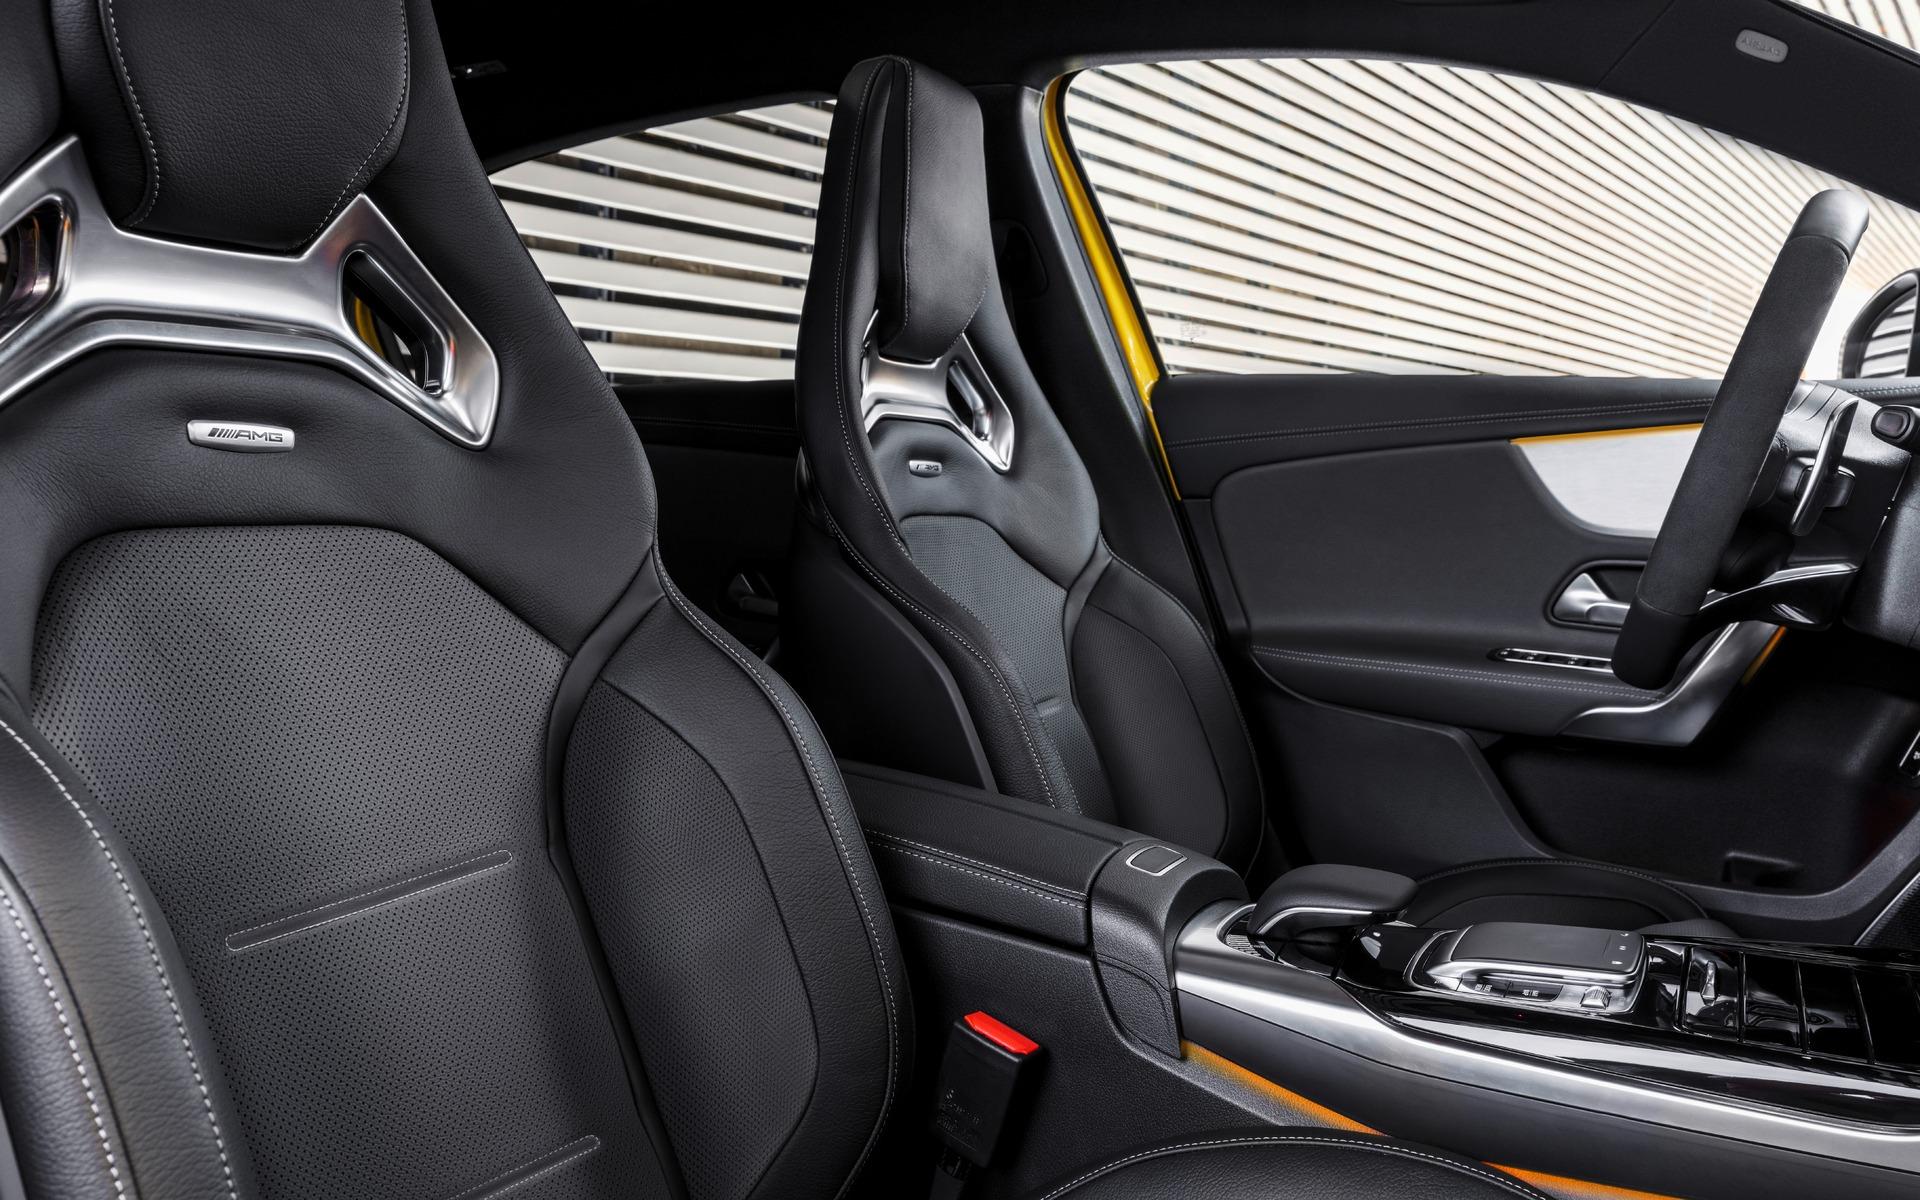 Confirmé : la Mercedes-AMG A 35 sera commercialisée au Canada! 349610_2019_Mercedes-Benz_A-Class